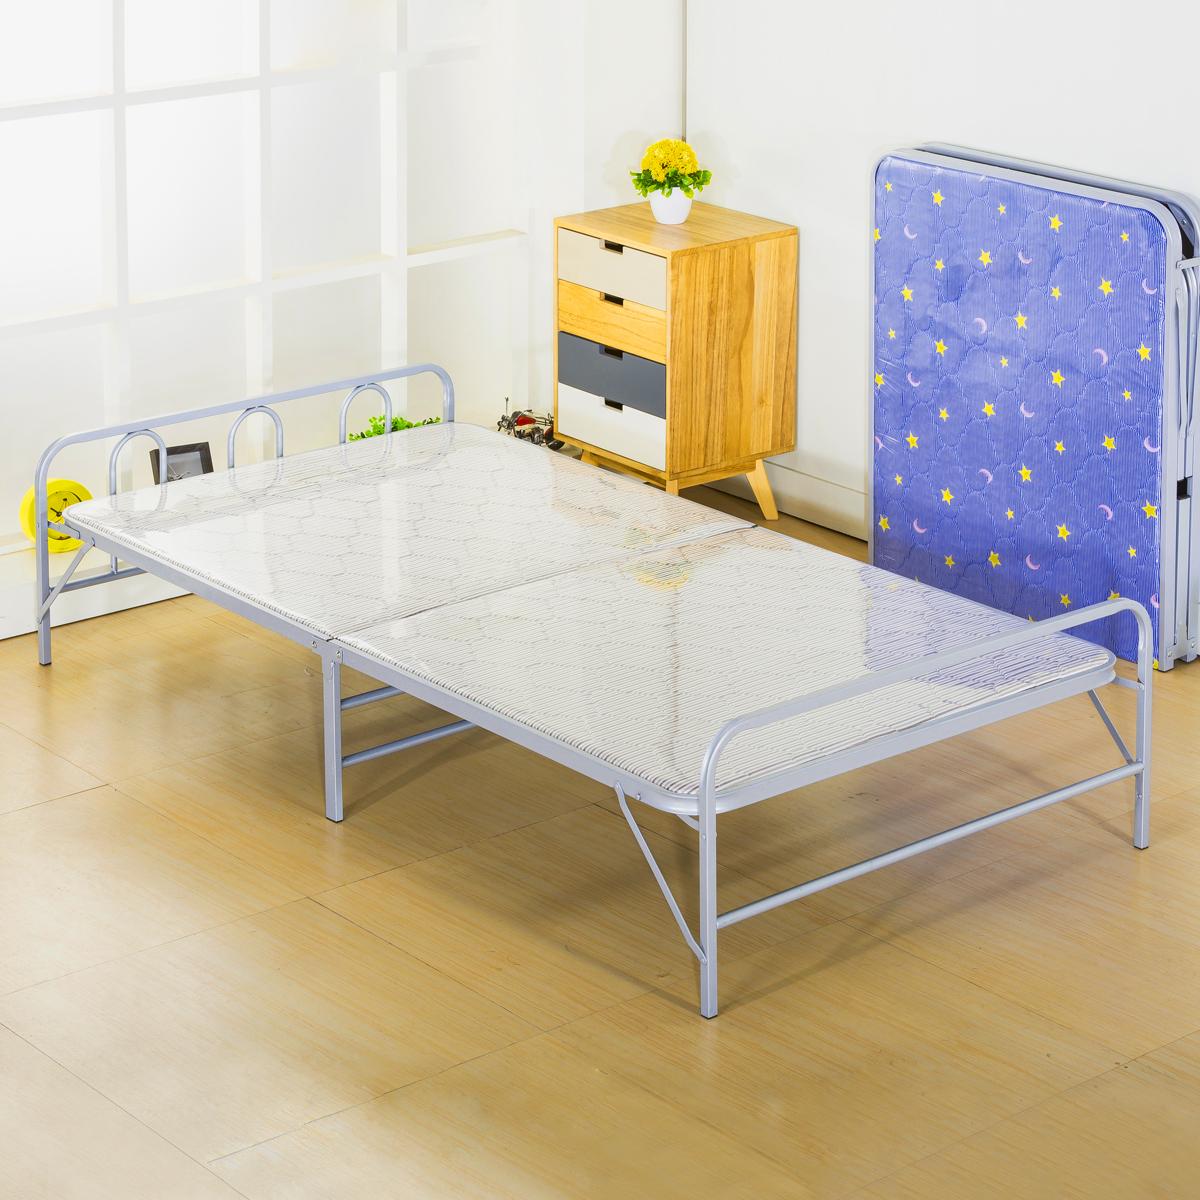 BX折叠床单人办公室午休床午睡医院陪护加床海棉硬板木板小床